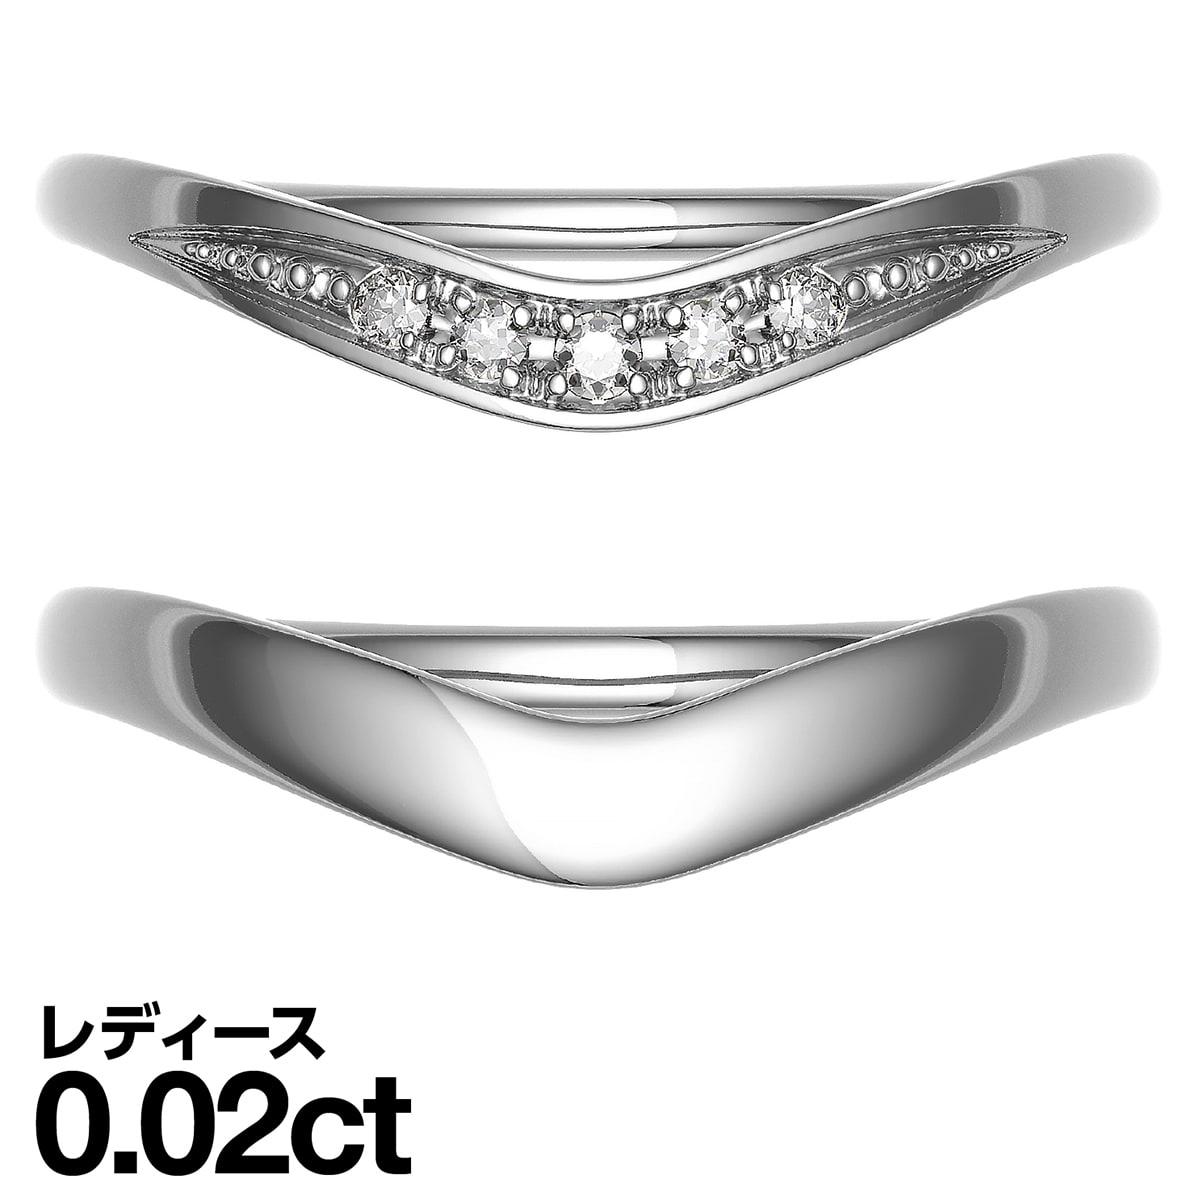 ペアリング k10 イエローゴールド/ホワイトゴールド/ピンクゴールド ダイヤモンド 2本セット 品質保証書 金属アレルギー 日本製 誕生日 ギフト